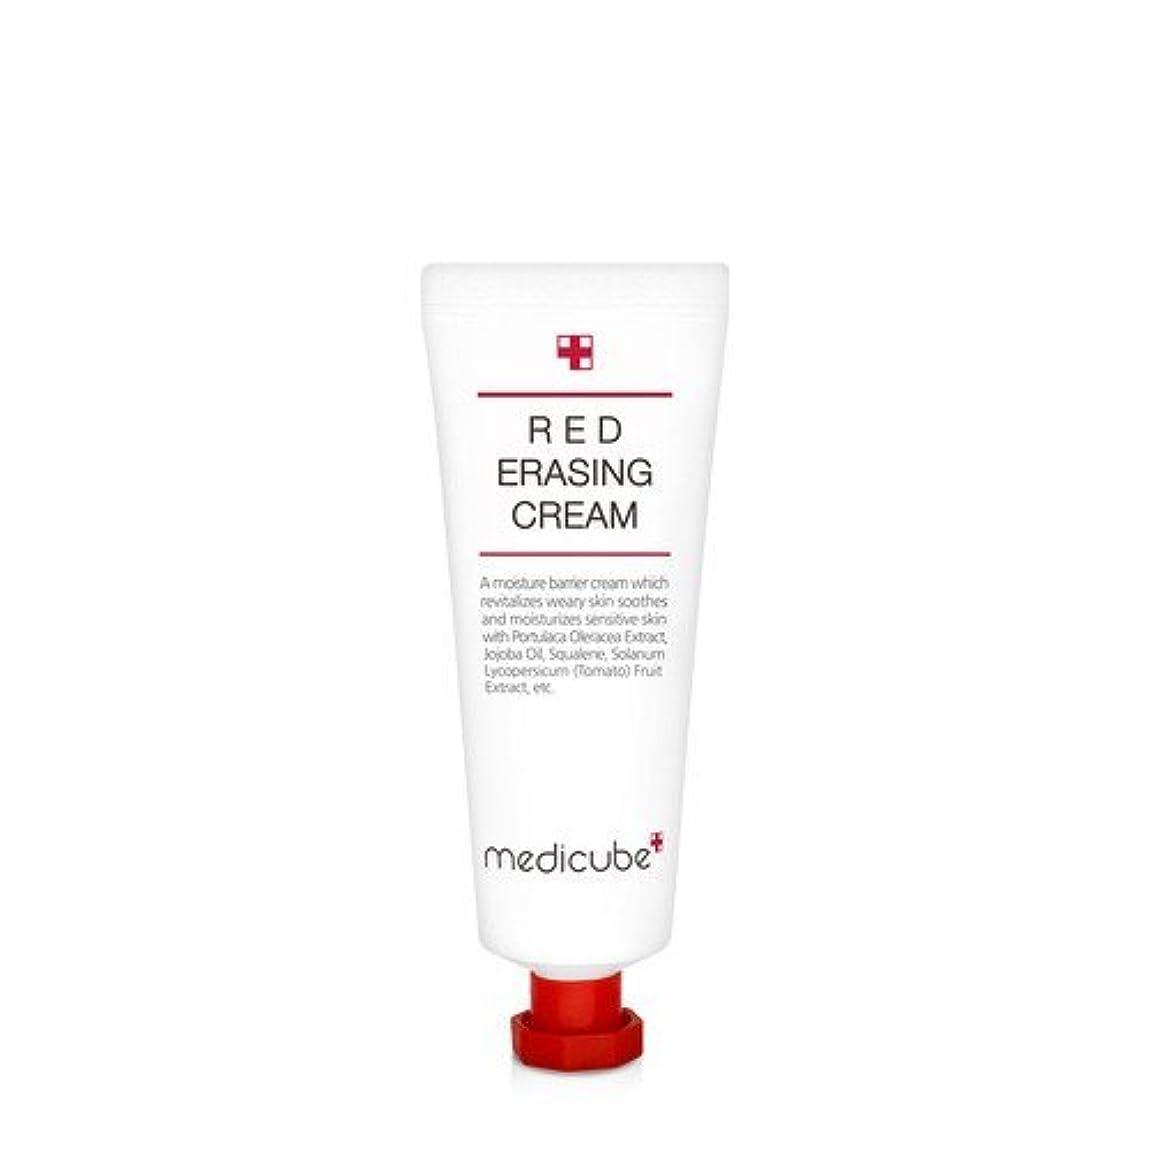 文献ファイター祝福[Medicube]Red Erasing Cream 50g / メディキューブレッドイレイジングクリーム / 正品?海外直送商品 [並行輸入品]